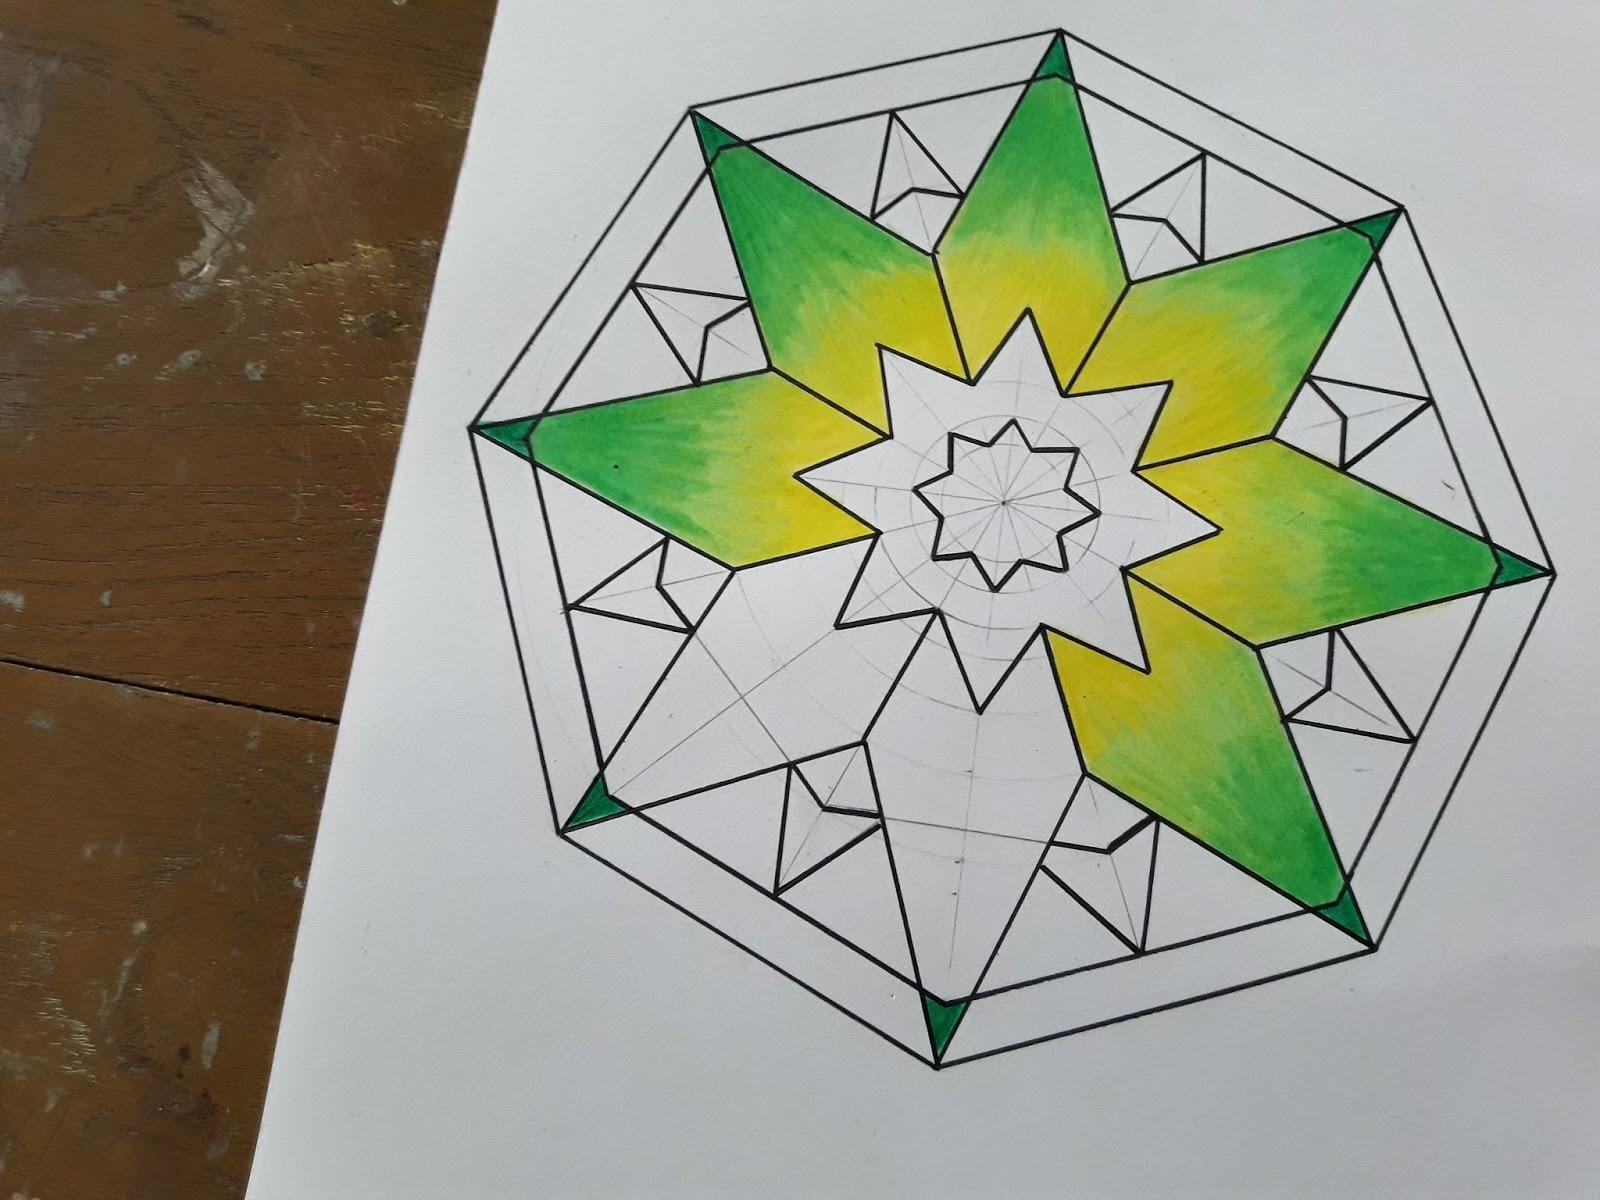 Alvita Maulida Diana Perjuangan Geometris